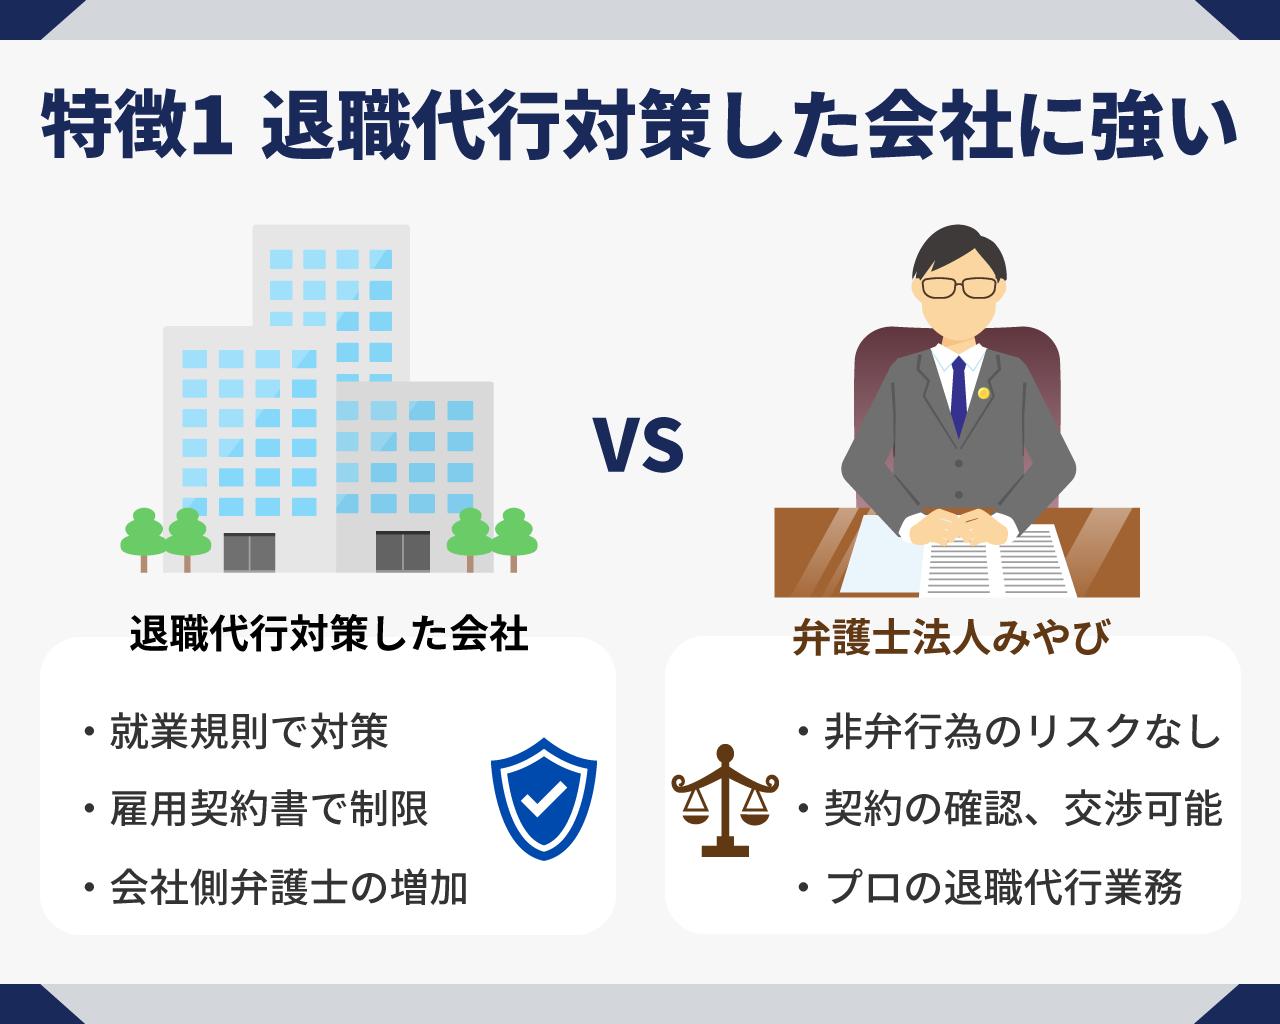 弁護士法人みやびの特徴・メリット①退職代行対策した会社に強い